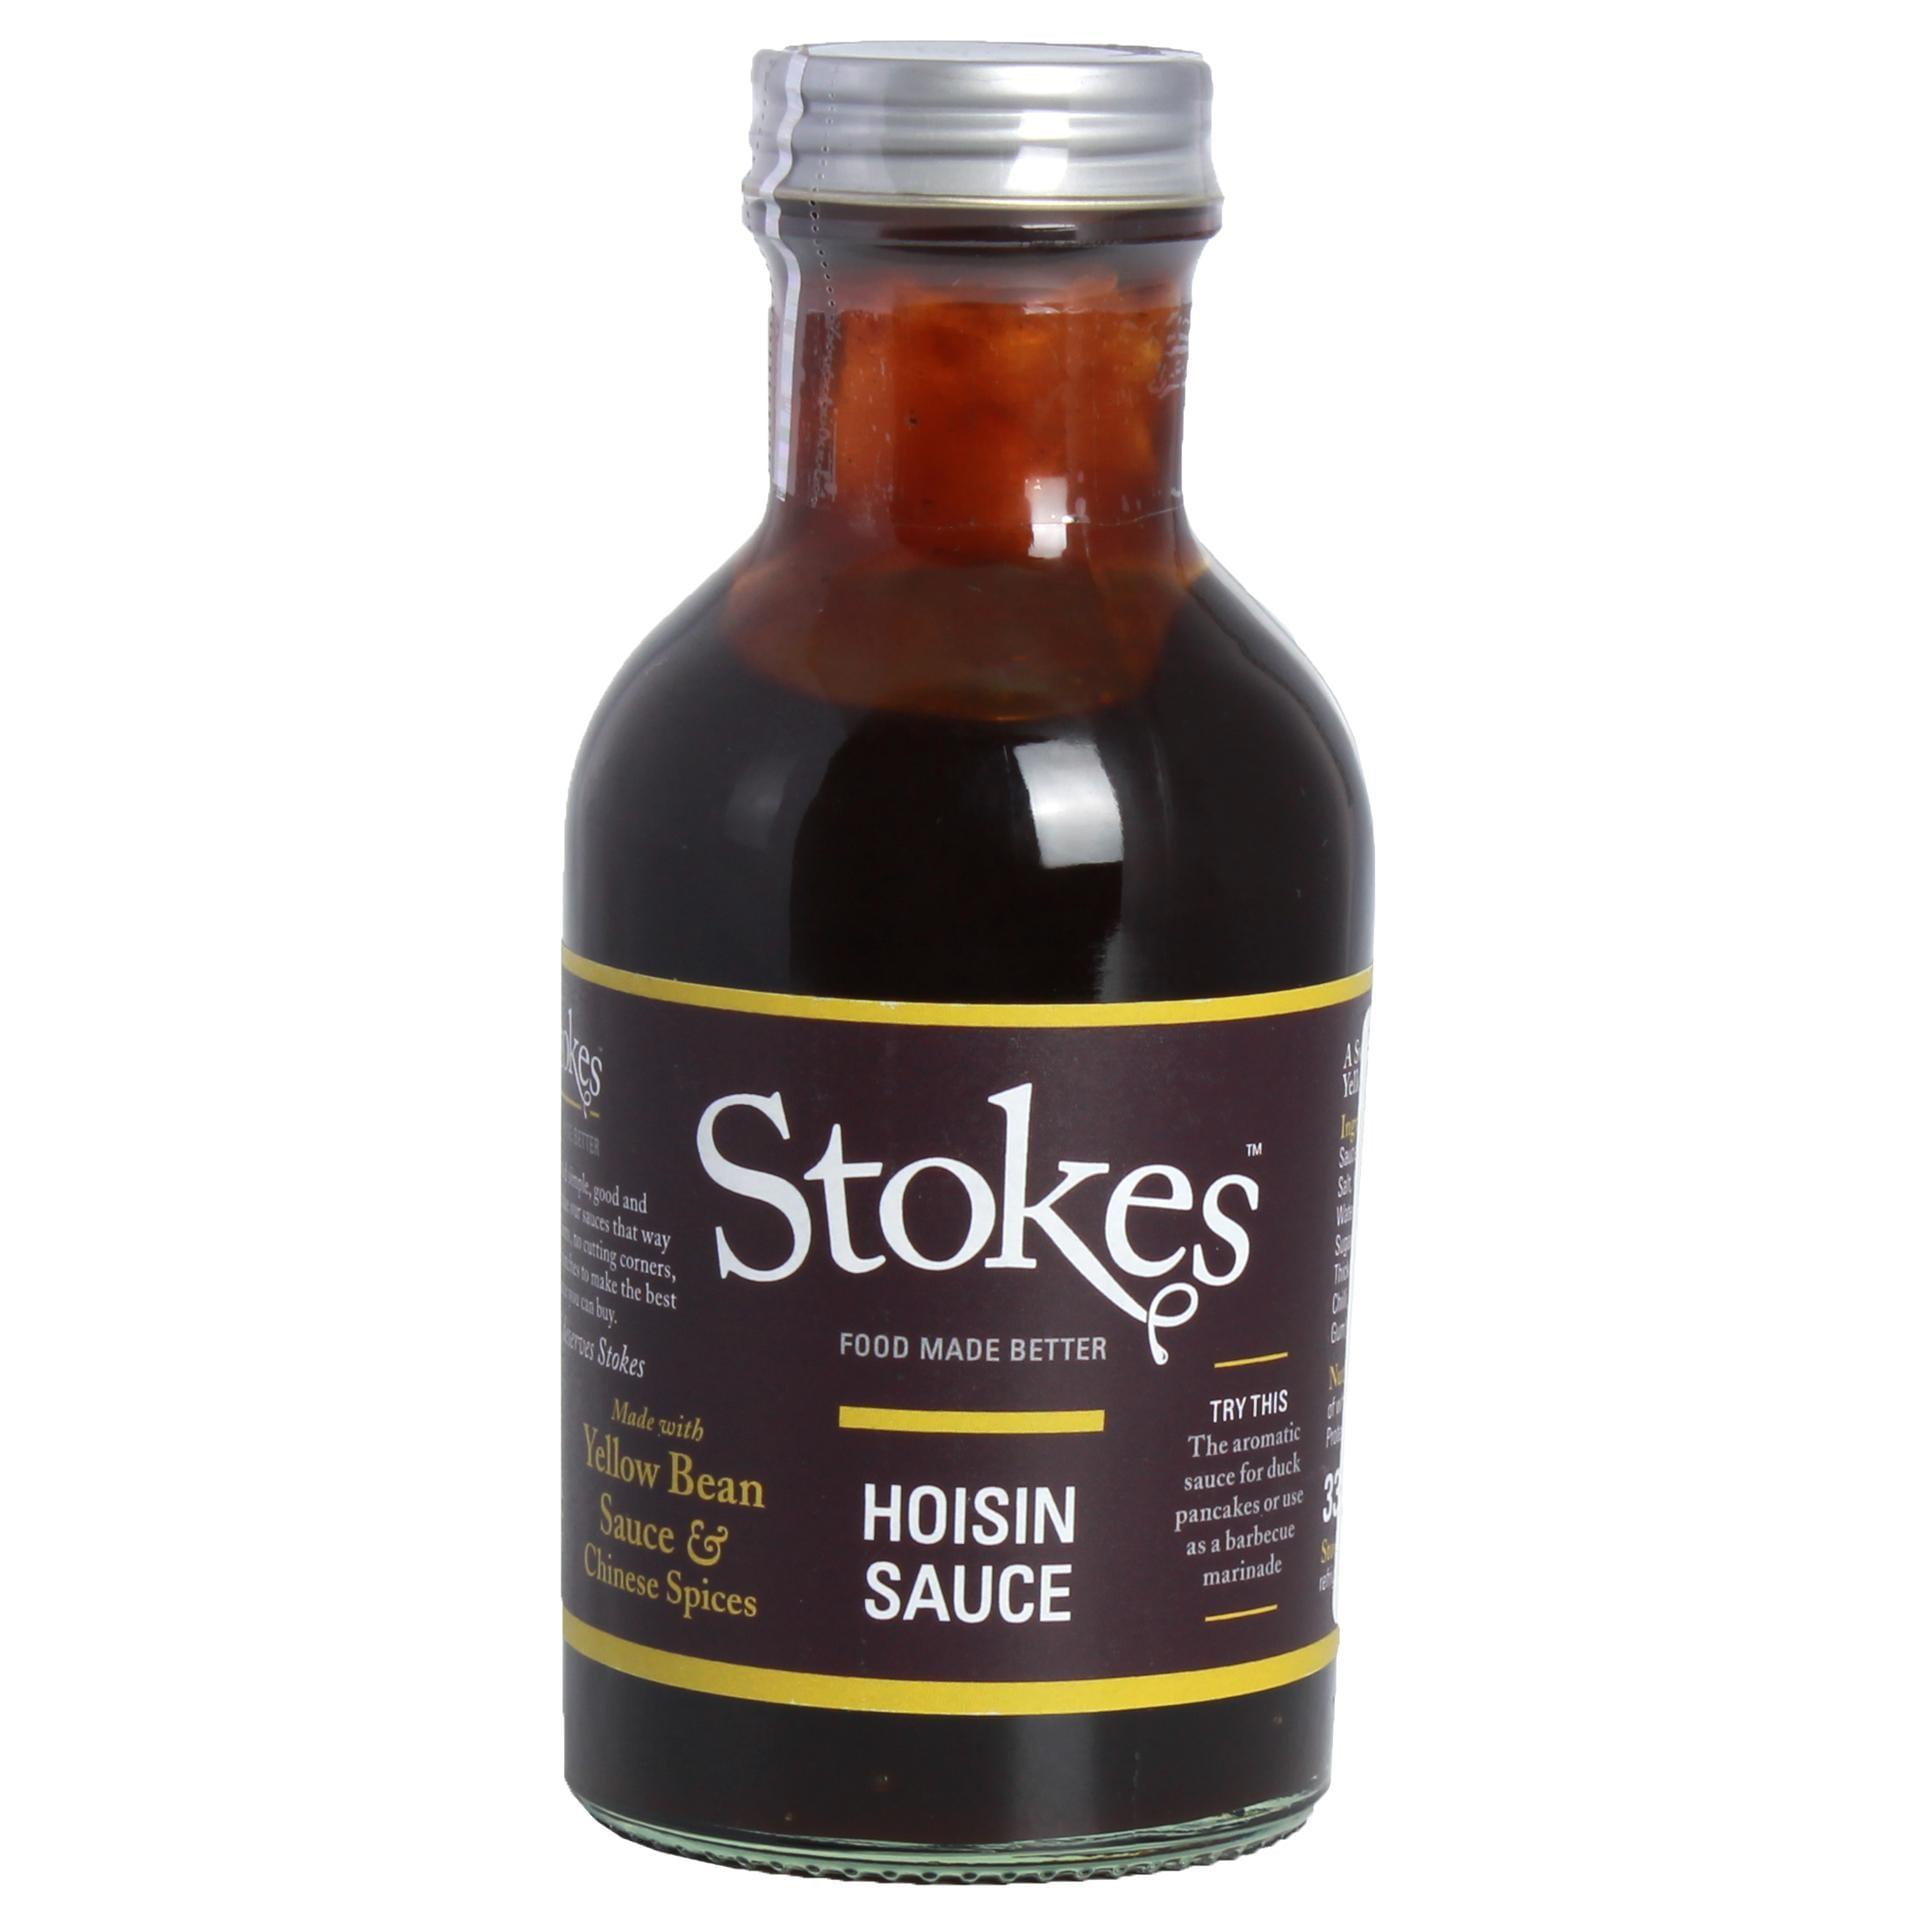 Stokes - Hoisin Sauce Barbecuesauce - 260ml